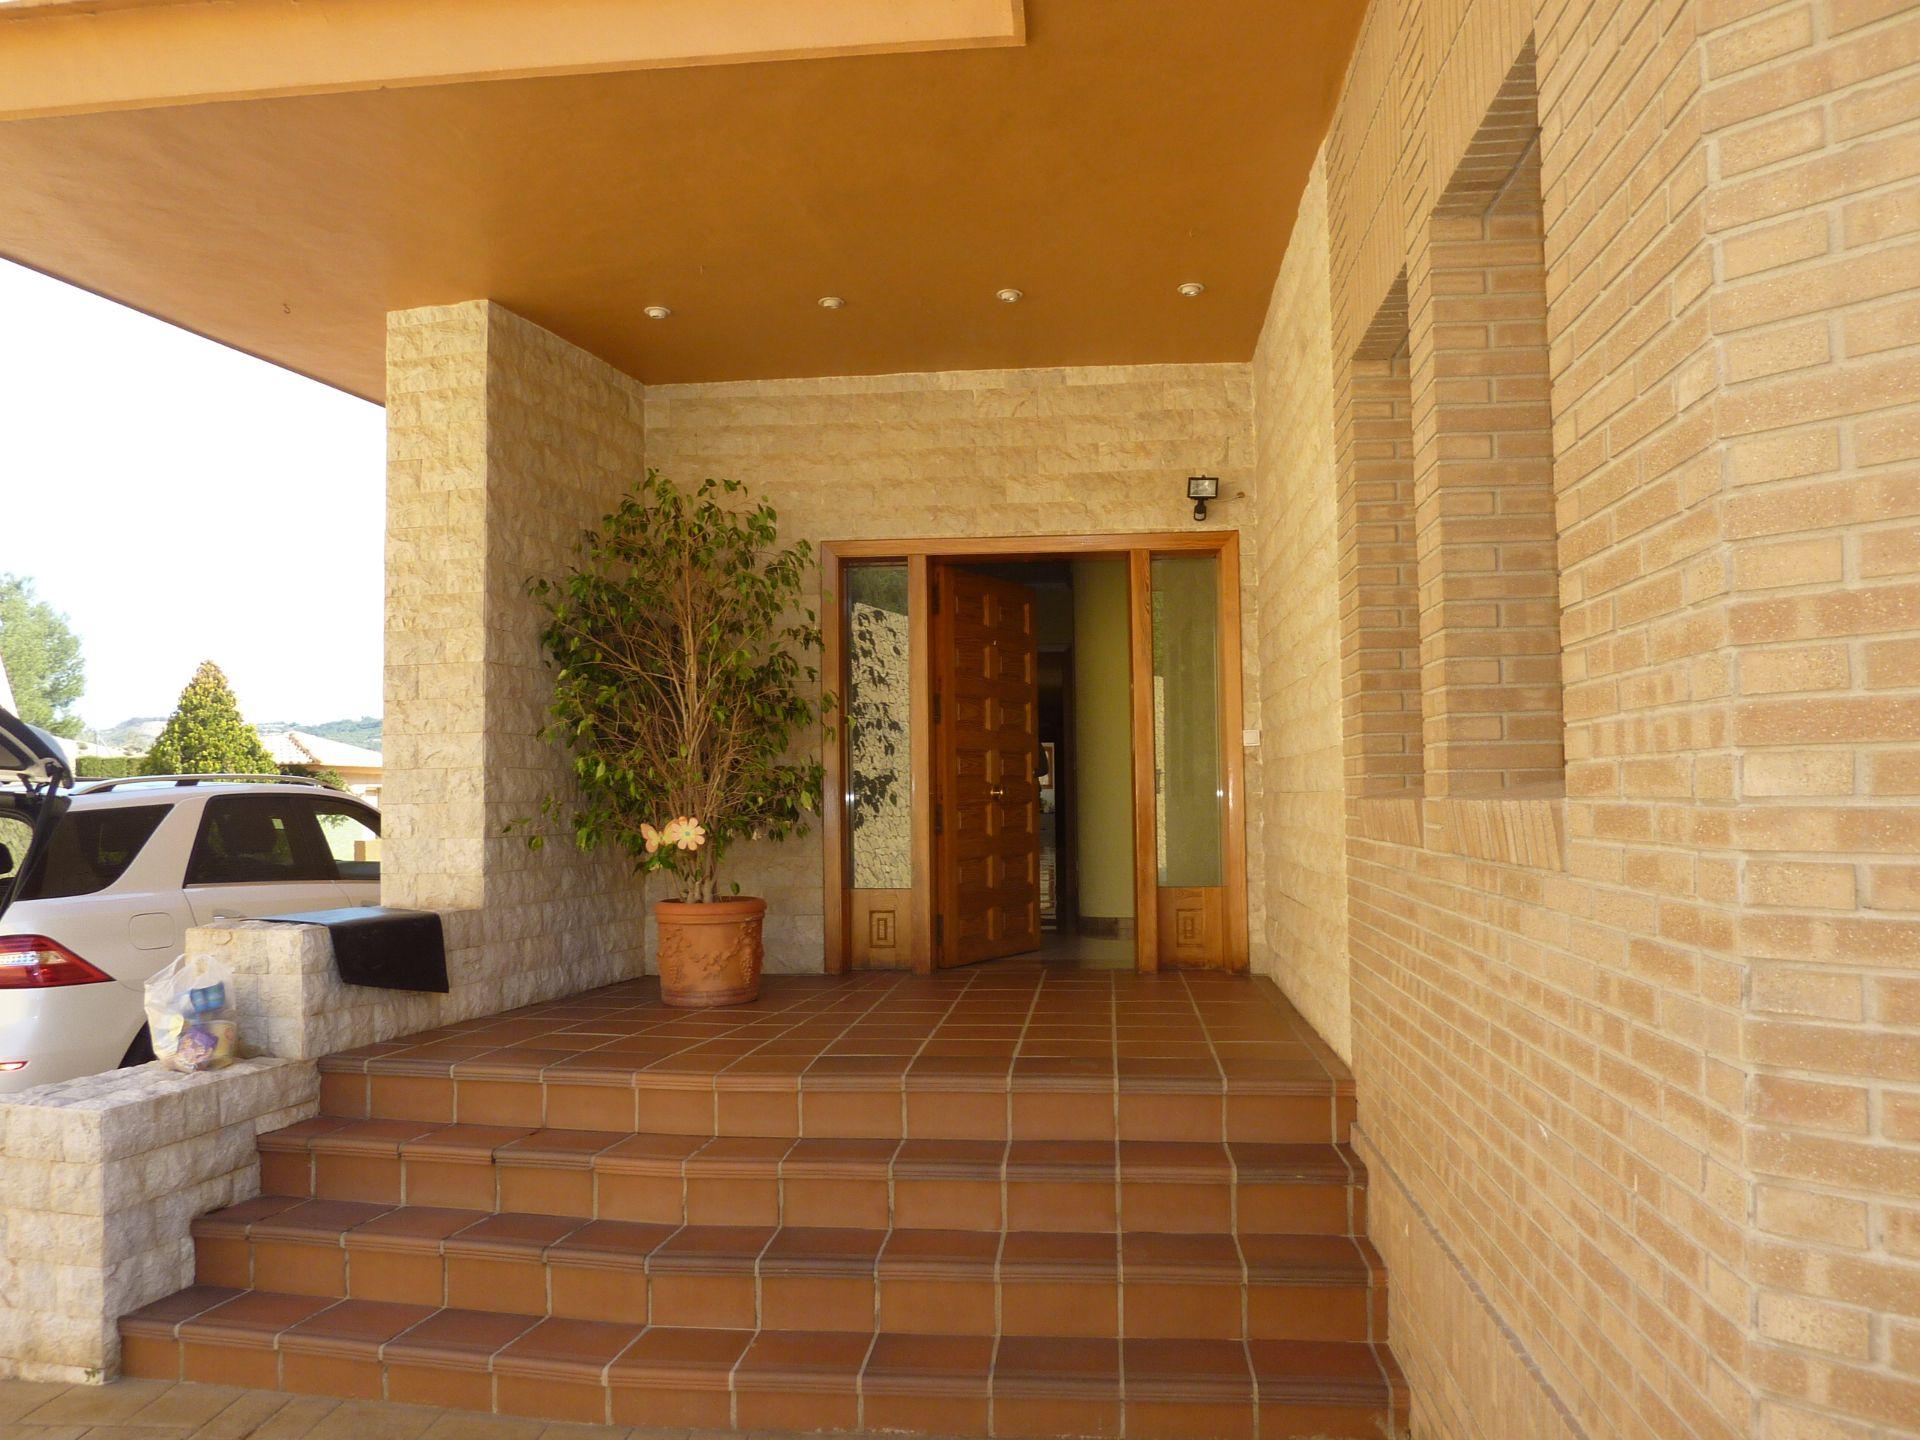 Casa / Chalet en Calpe / Calp, Terrasala, venta